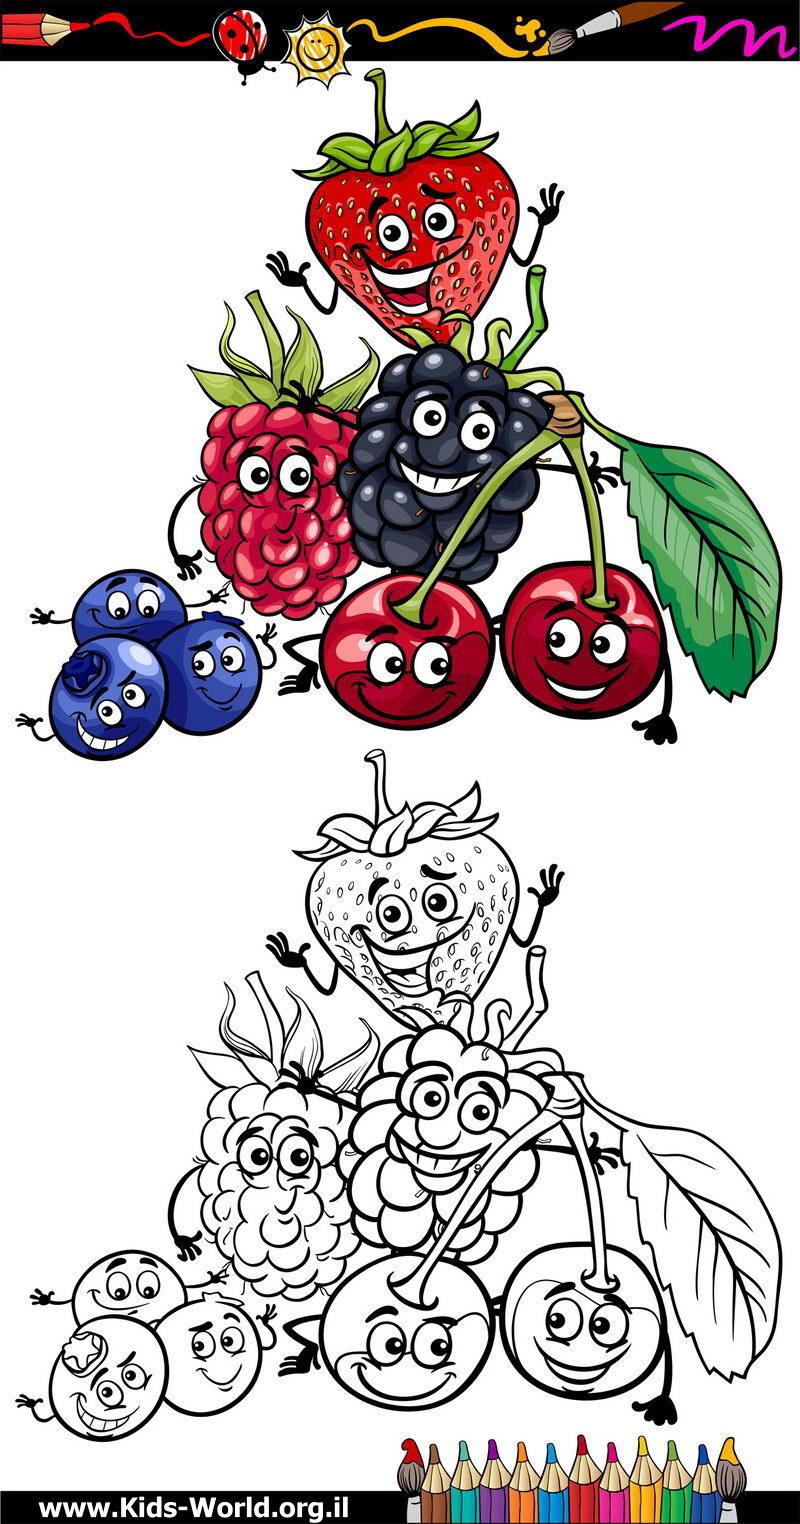 פירות להדפסה וצביעה